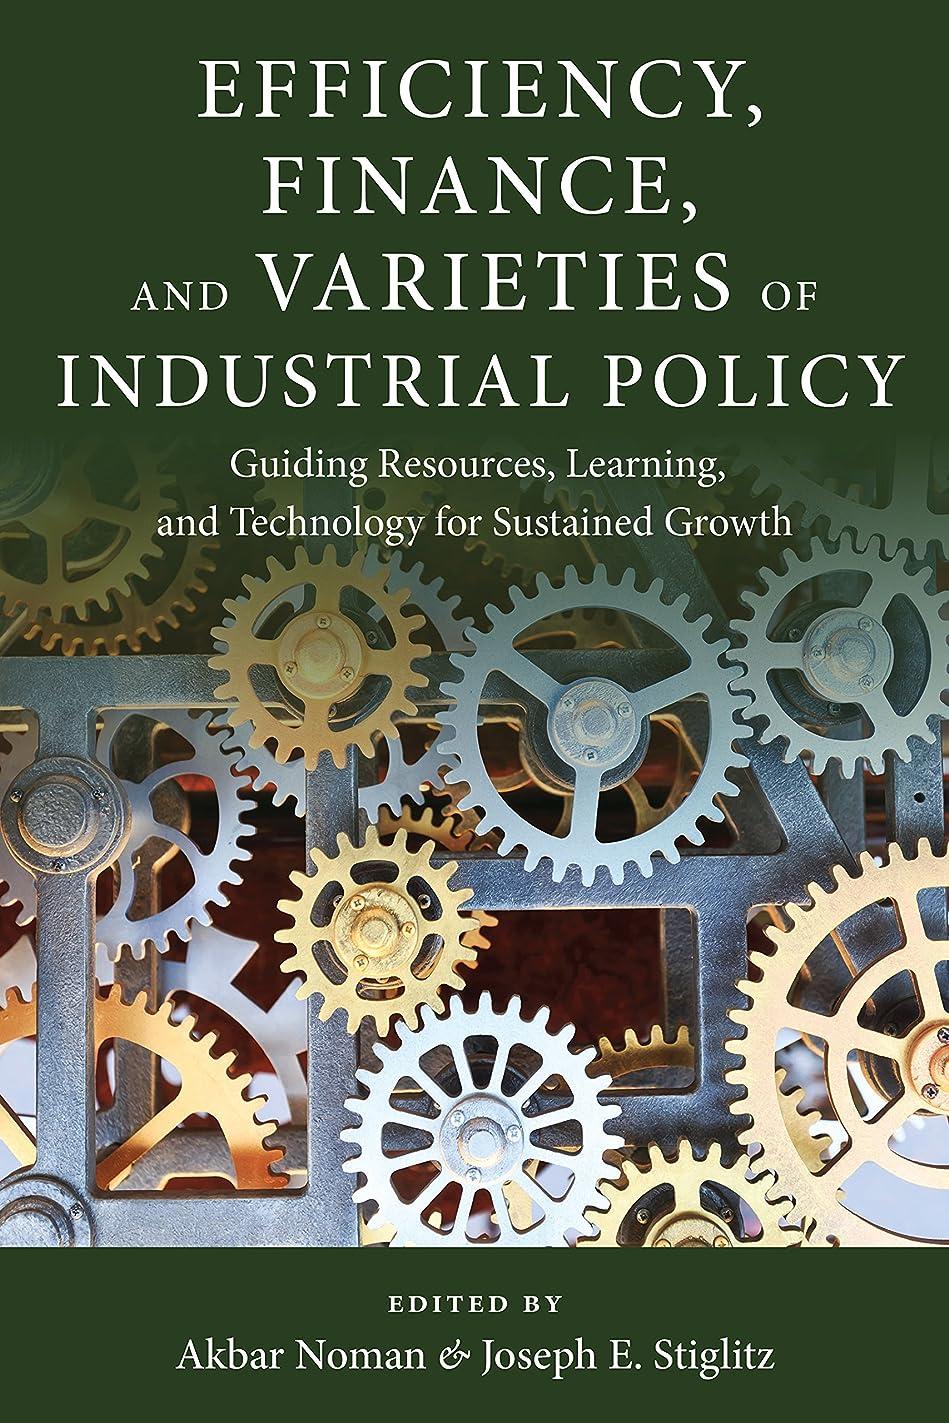 その間プレビュー人差し指Efficiency, Finance, and Varieties of Industrial Policy: Guiding Resources, Learning, and Technology for Sustained Growth (Initiative for Policy Dialogue ... and Globalization) (English Edition)